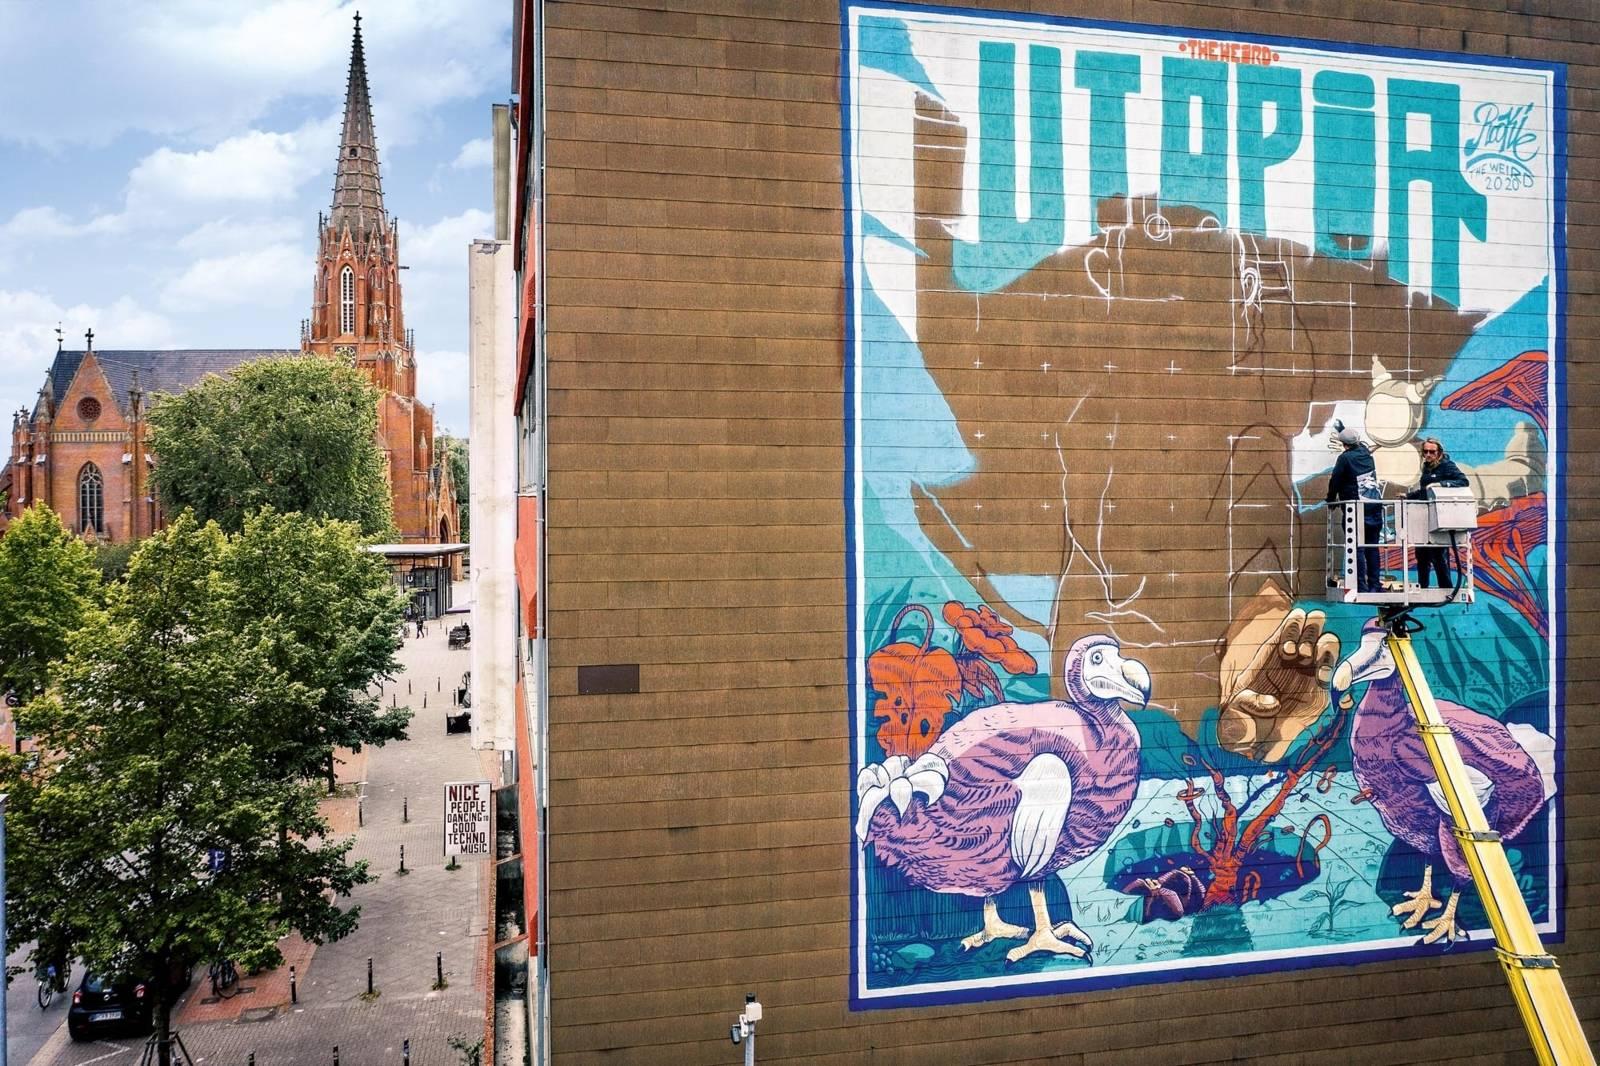 Großes Mural in der Nordstadt zum Hola Utopia 2020